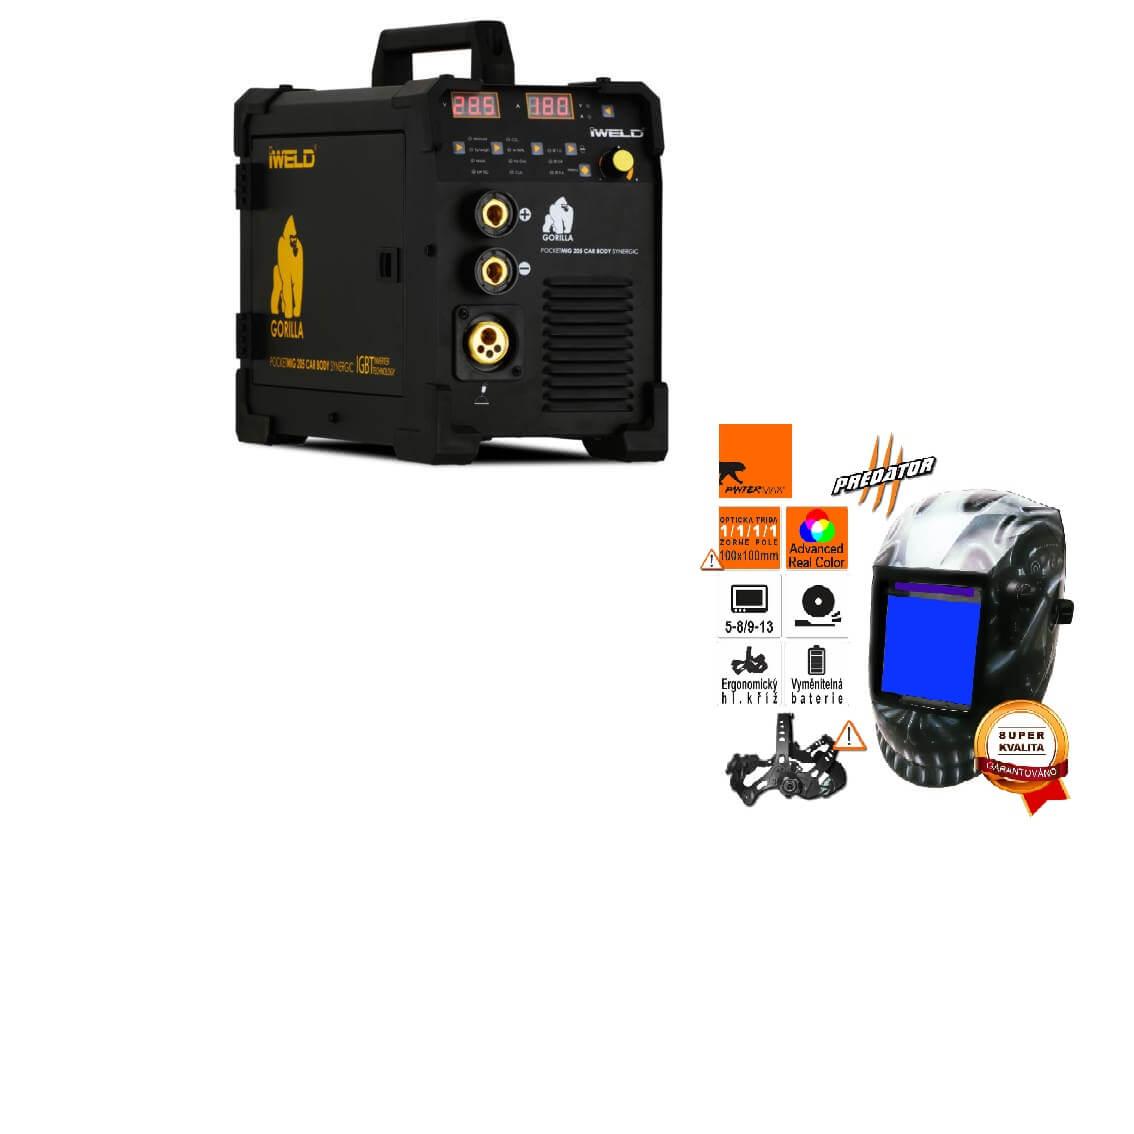 Gorilla PocketMig 205 Varianta: SET 2: svářečka s výbavou v popisu stroje + kukla profi Predátor výhodný SET - další příslušenství ZDARMA